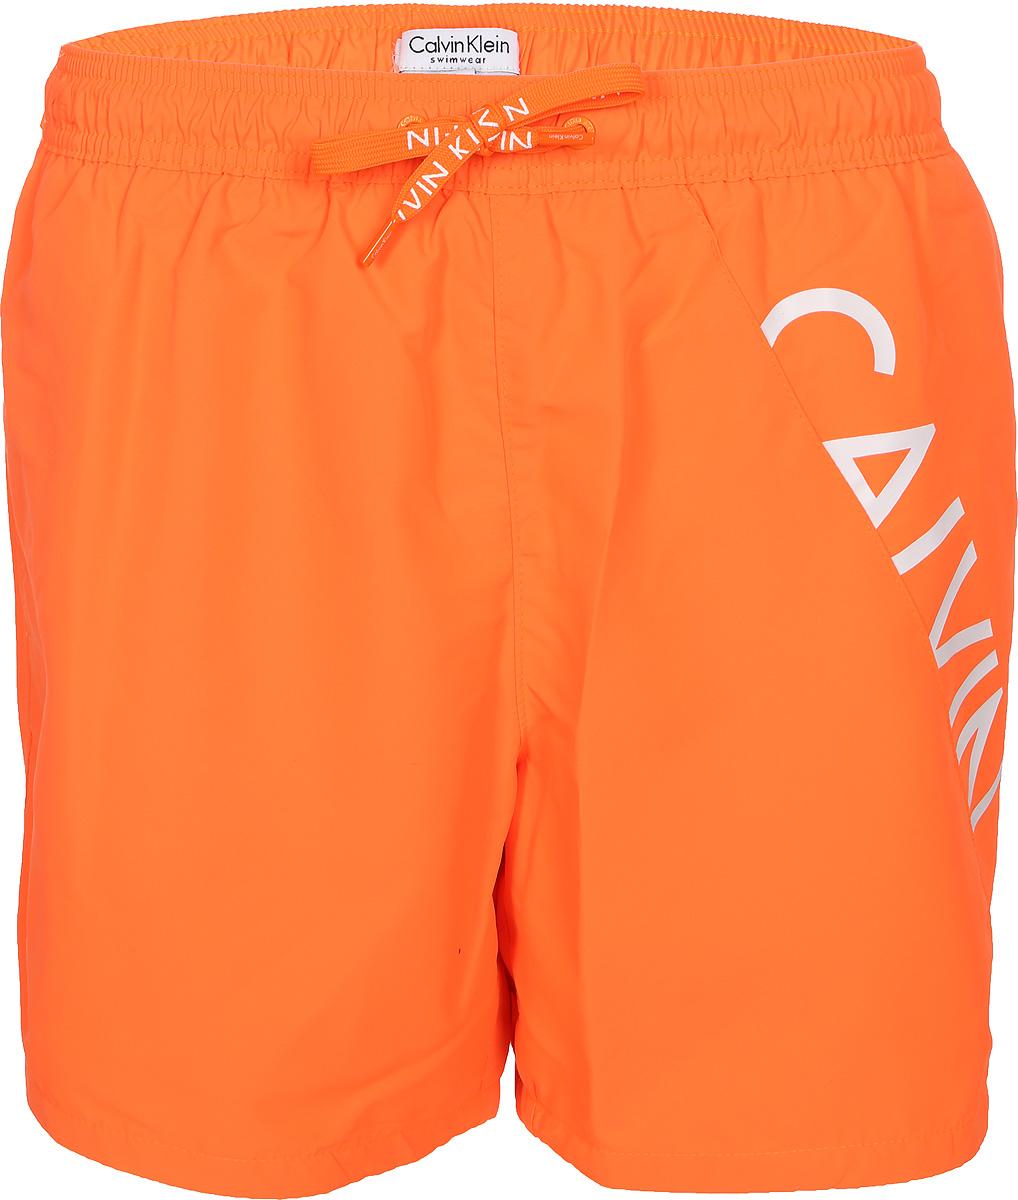 Шорты для плавания мужские Calvin Klein Underwear, цвет: оранжевый. KM0KM00168_807. Размер S (48)KM0KM00168_807Шорты для плавания от Calvin Klein выполнены из 100% полиэстера. Материал быстро сохнет. Модель с эластичной резинкой на талии и регулируемым шнурком.